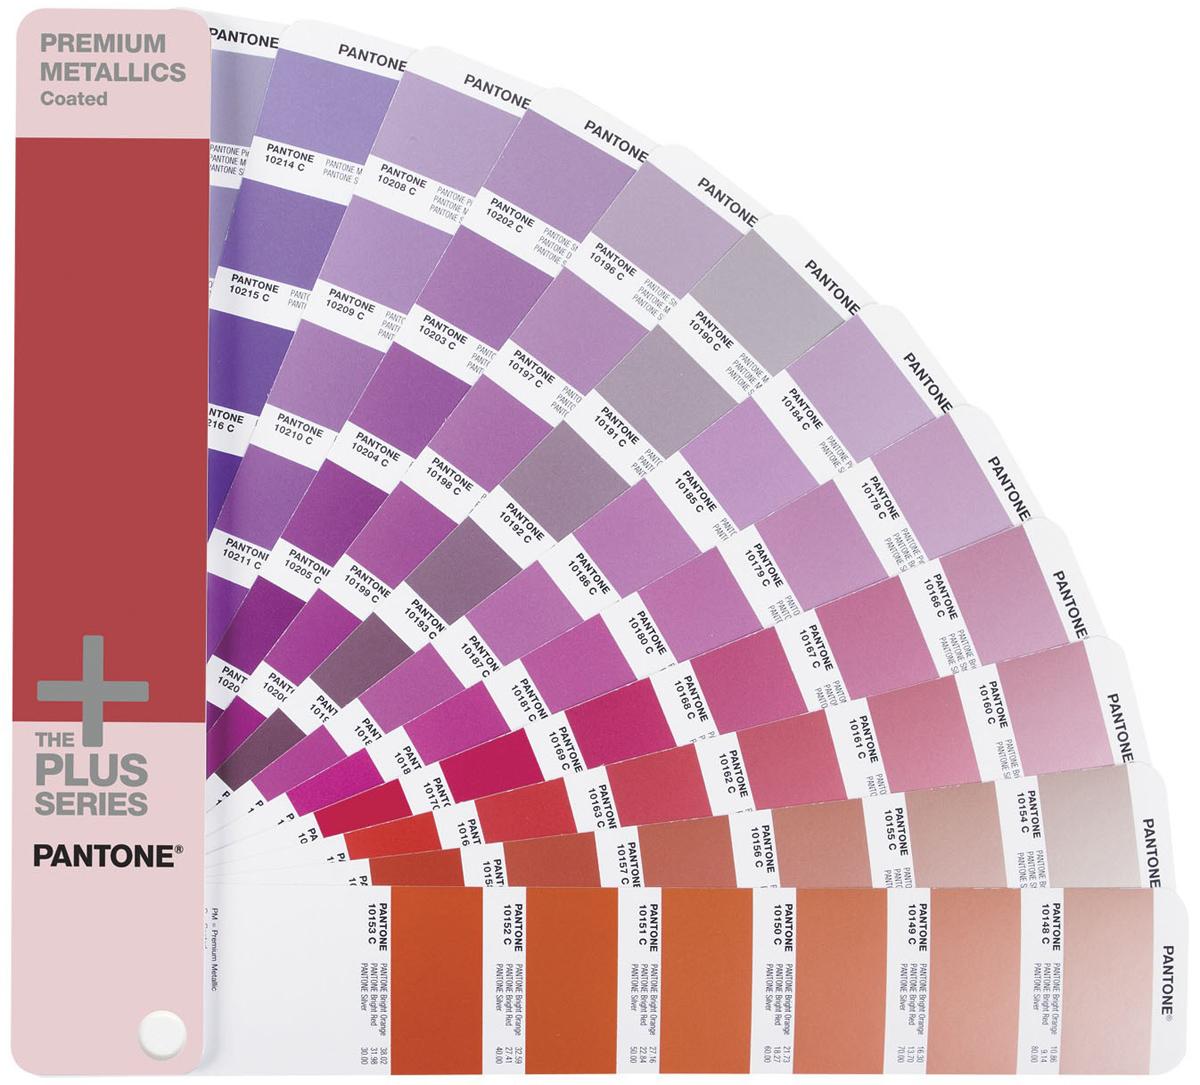 Купить Pantone Premium Metallics Guide Coated (GG1505) - цветовой справочник